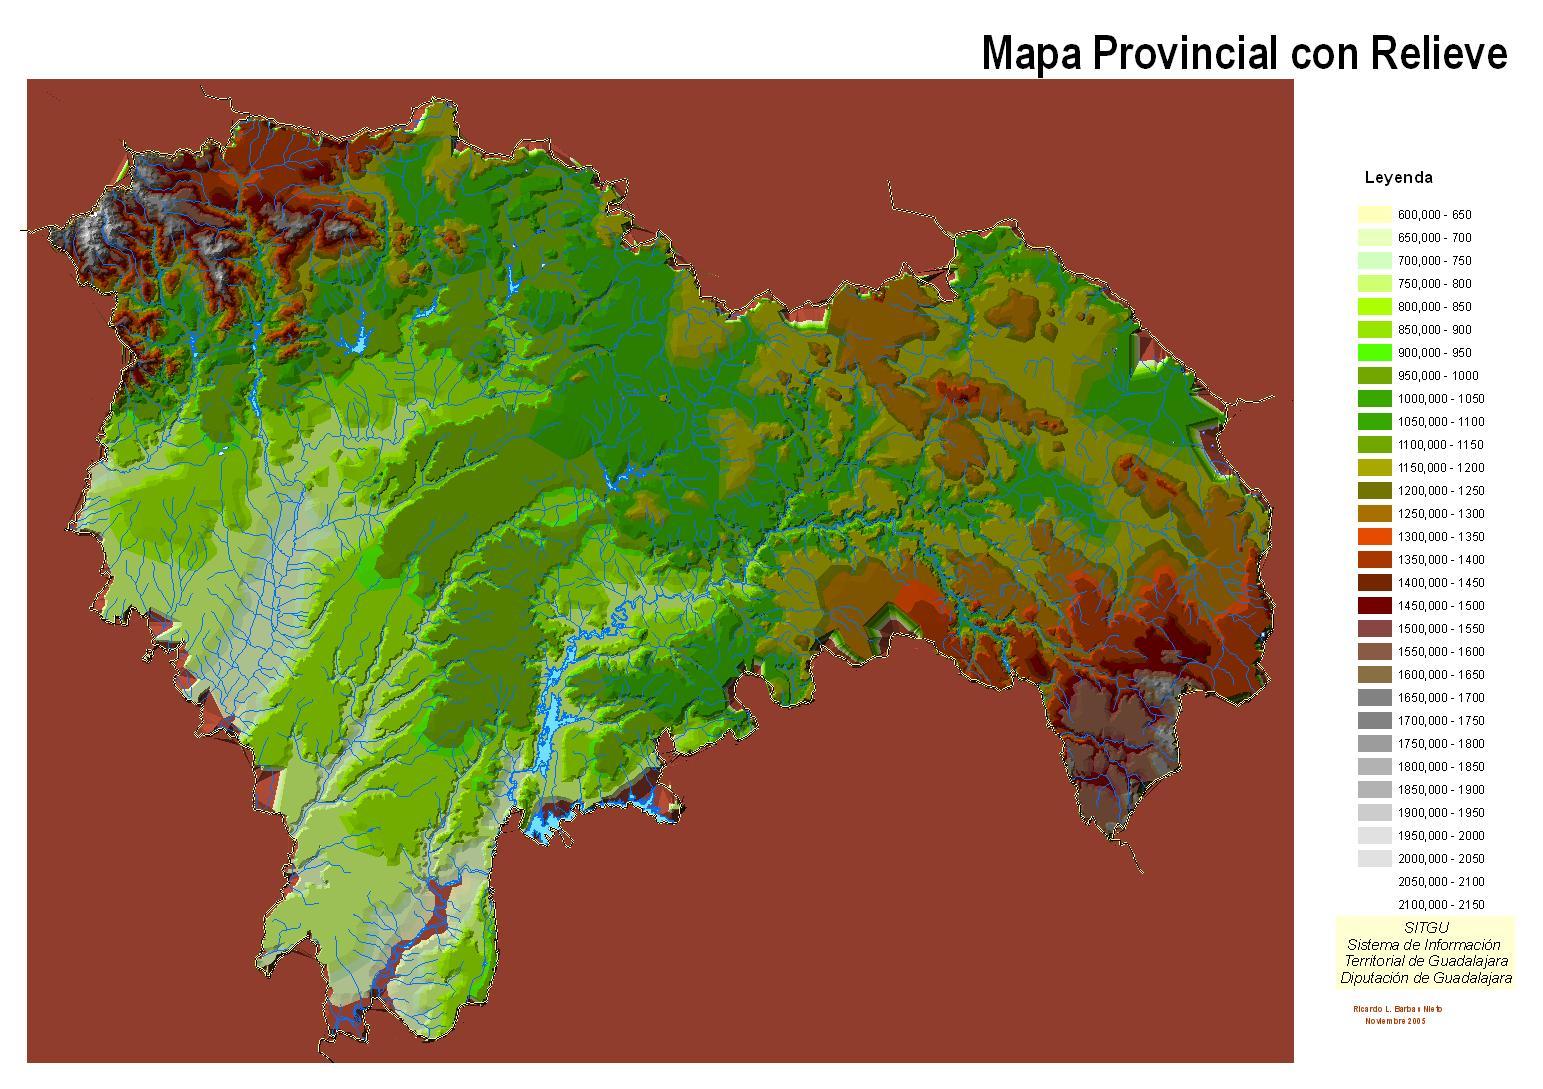 Mapa provincial de Guadalajara con relieve 2005